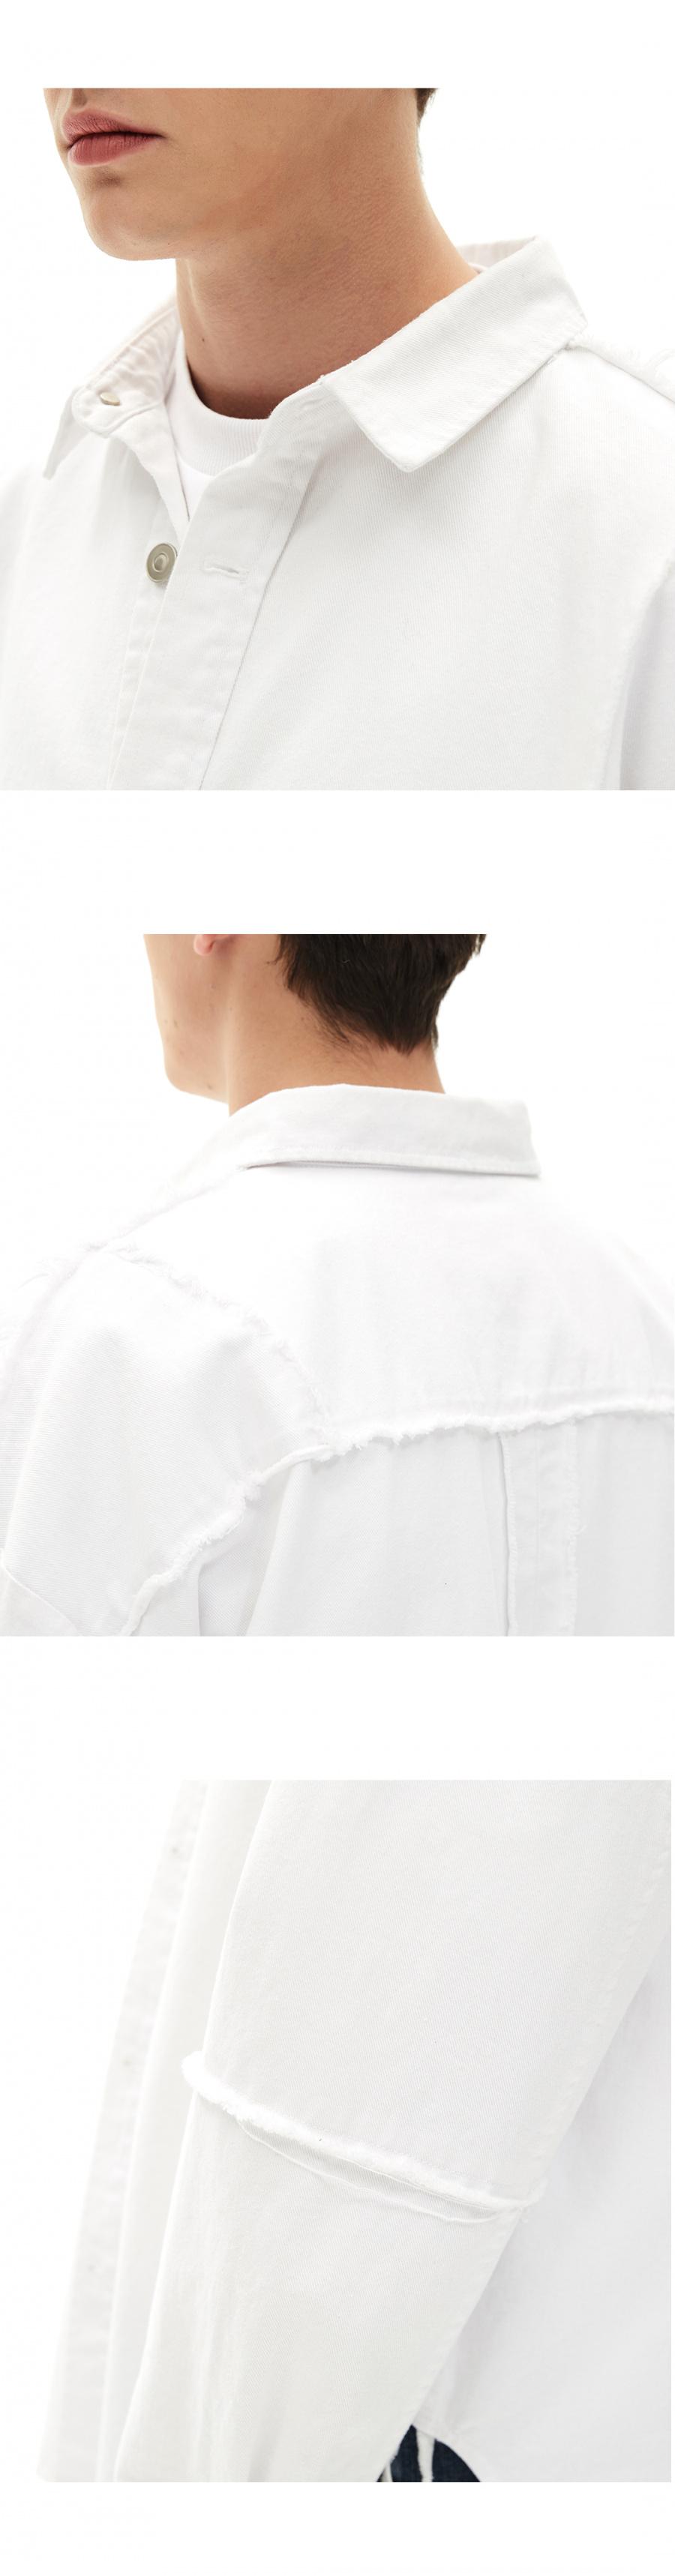 메종미네드(MAISON MINED) WHITE REWORK SHIRTS JACKET